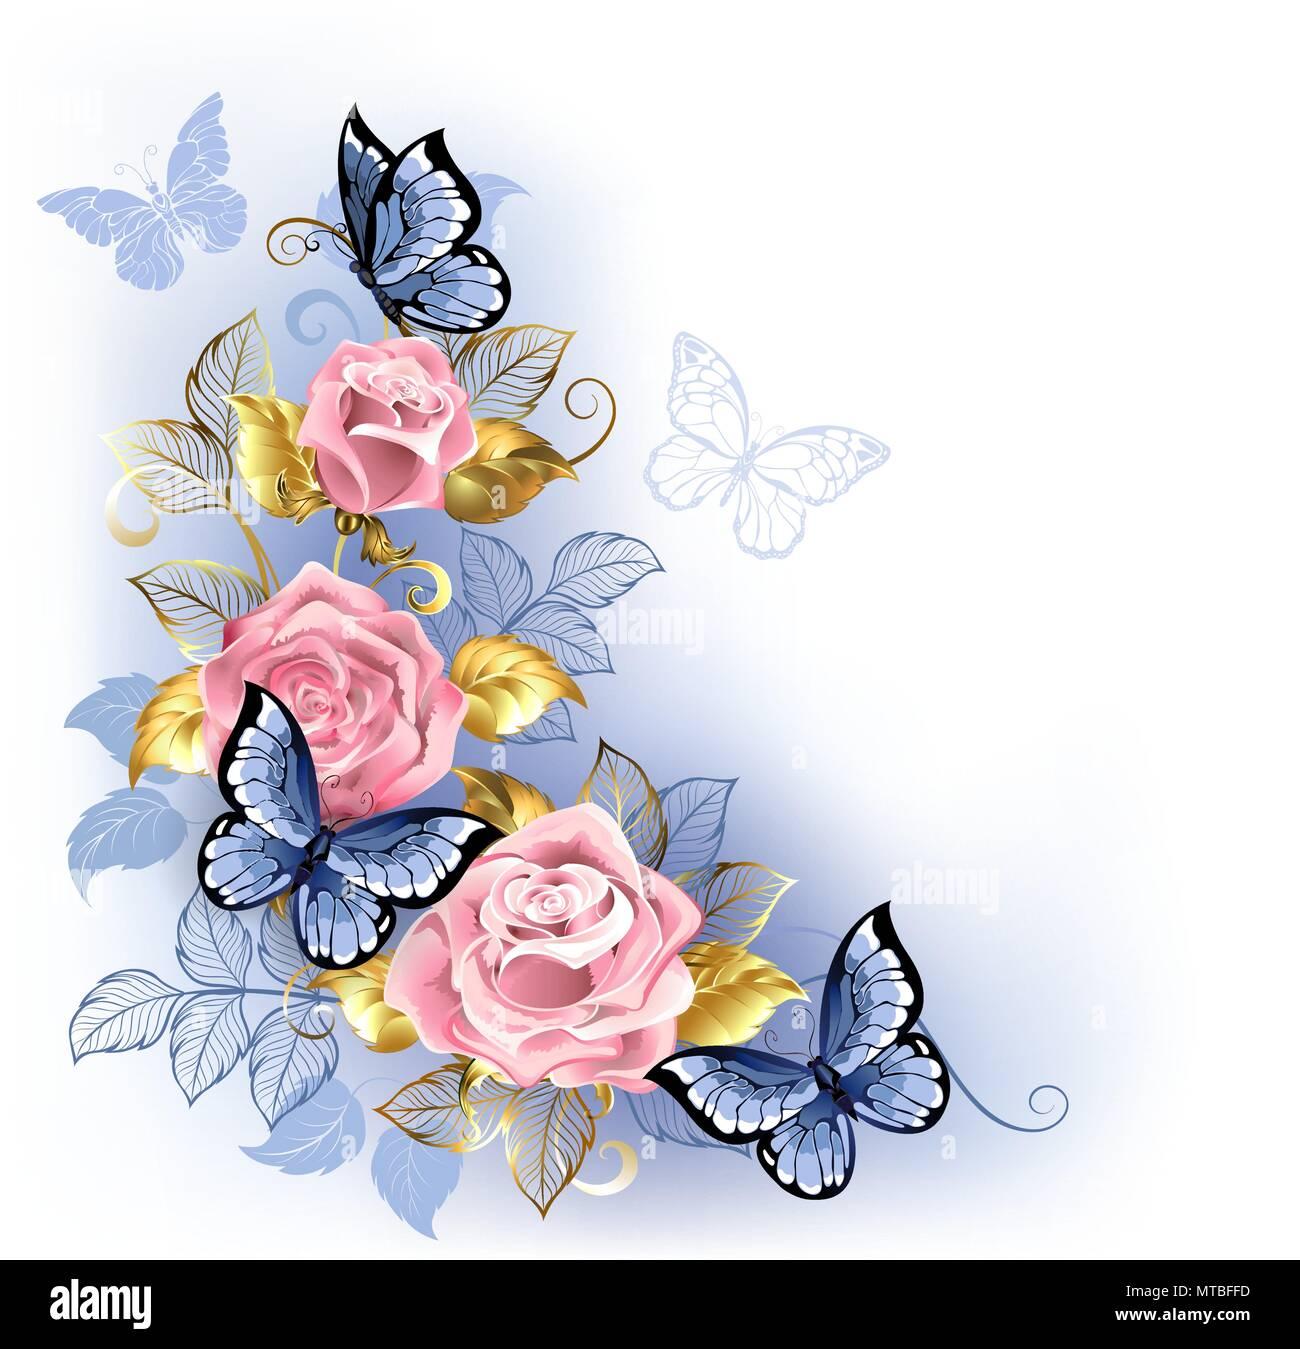 Tre Rose Rosa Con Blu E Oro Foglie Con Farfalle Blu Seduta Su Di